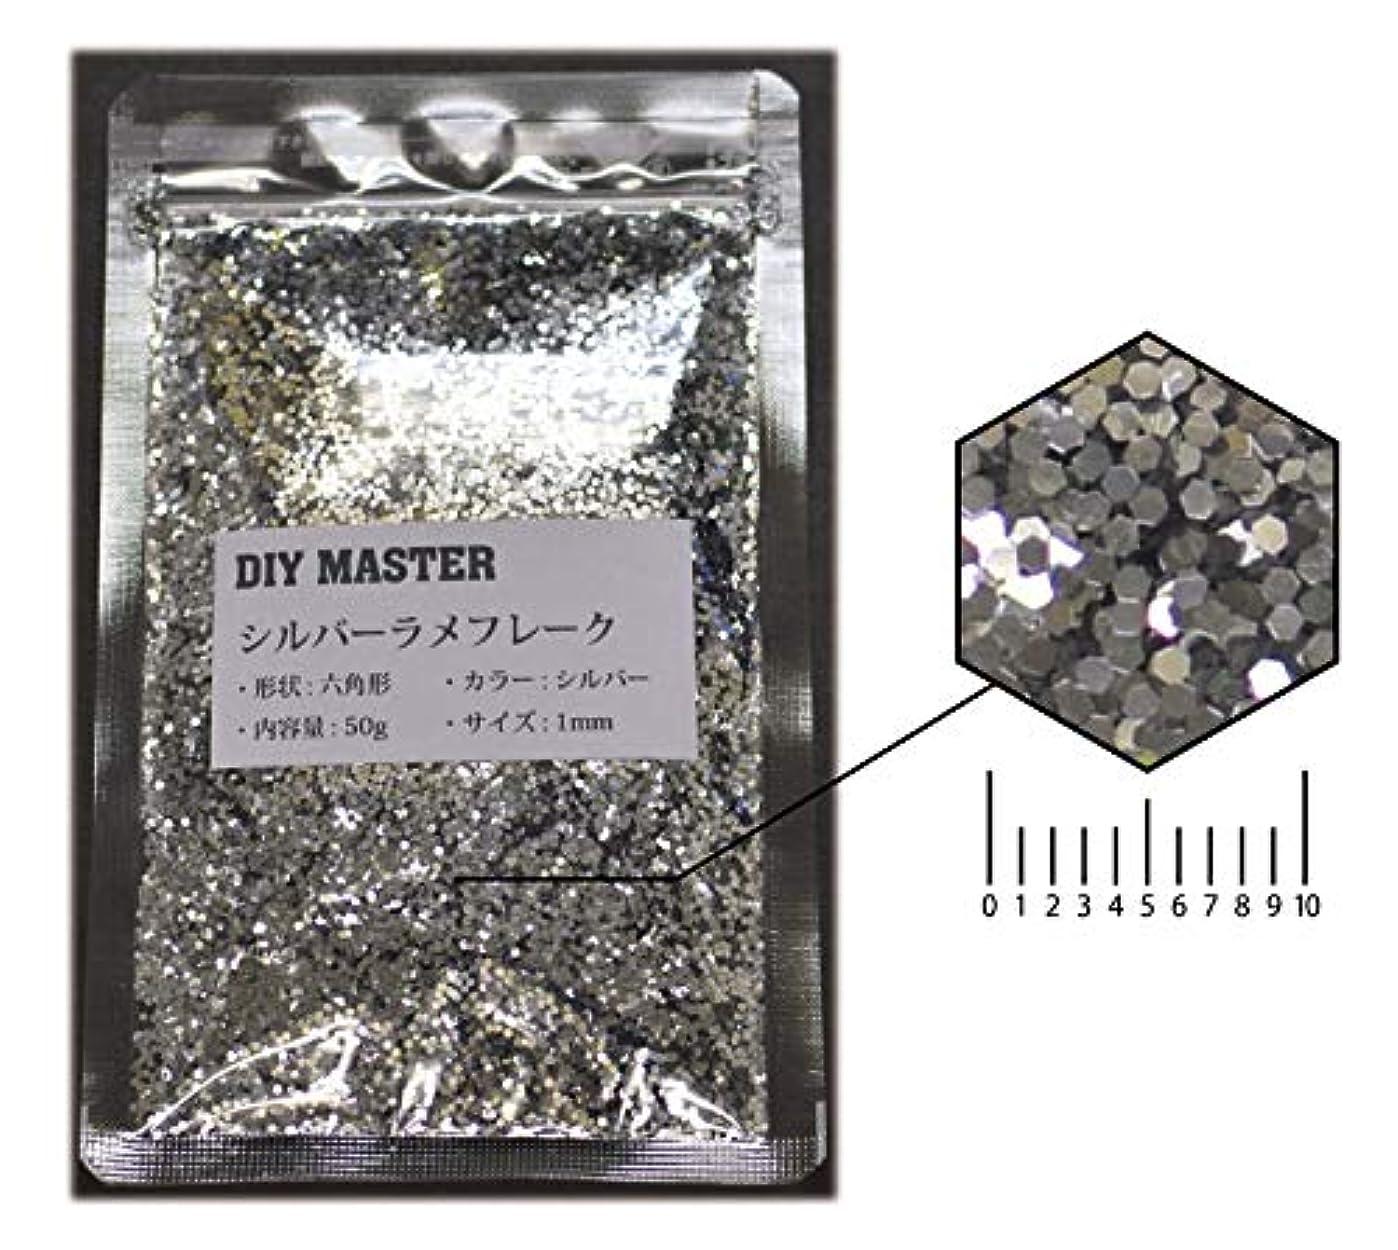 肯定的コントローラむちゃくちゃDIY MASTER シルバー ラメフレーク 1mm 50g